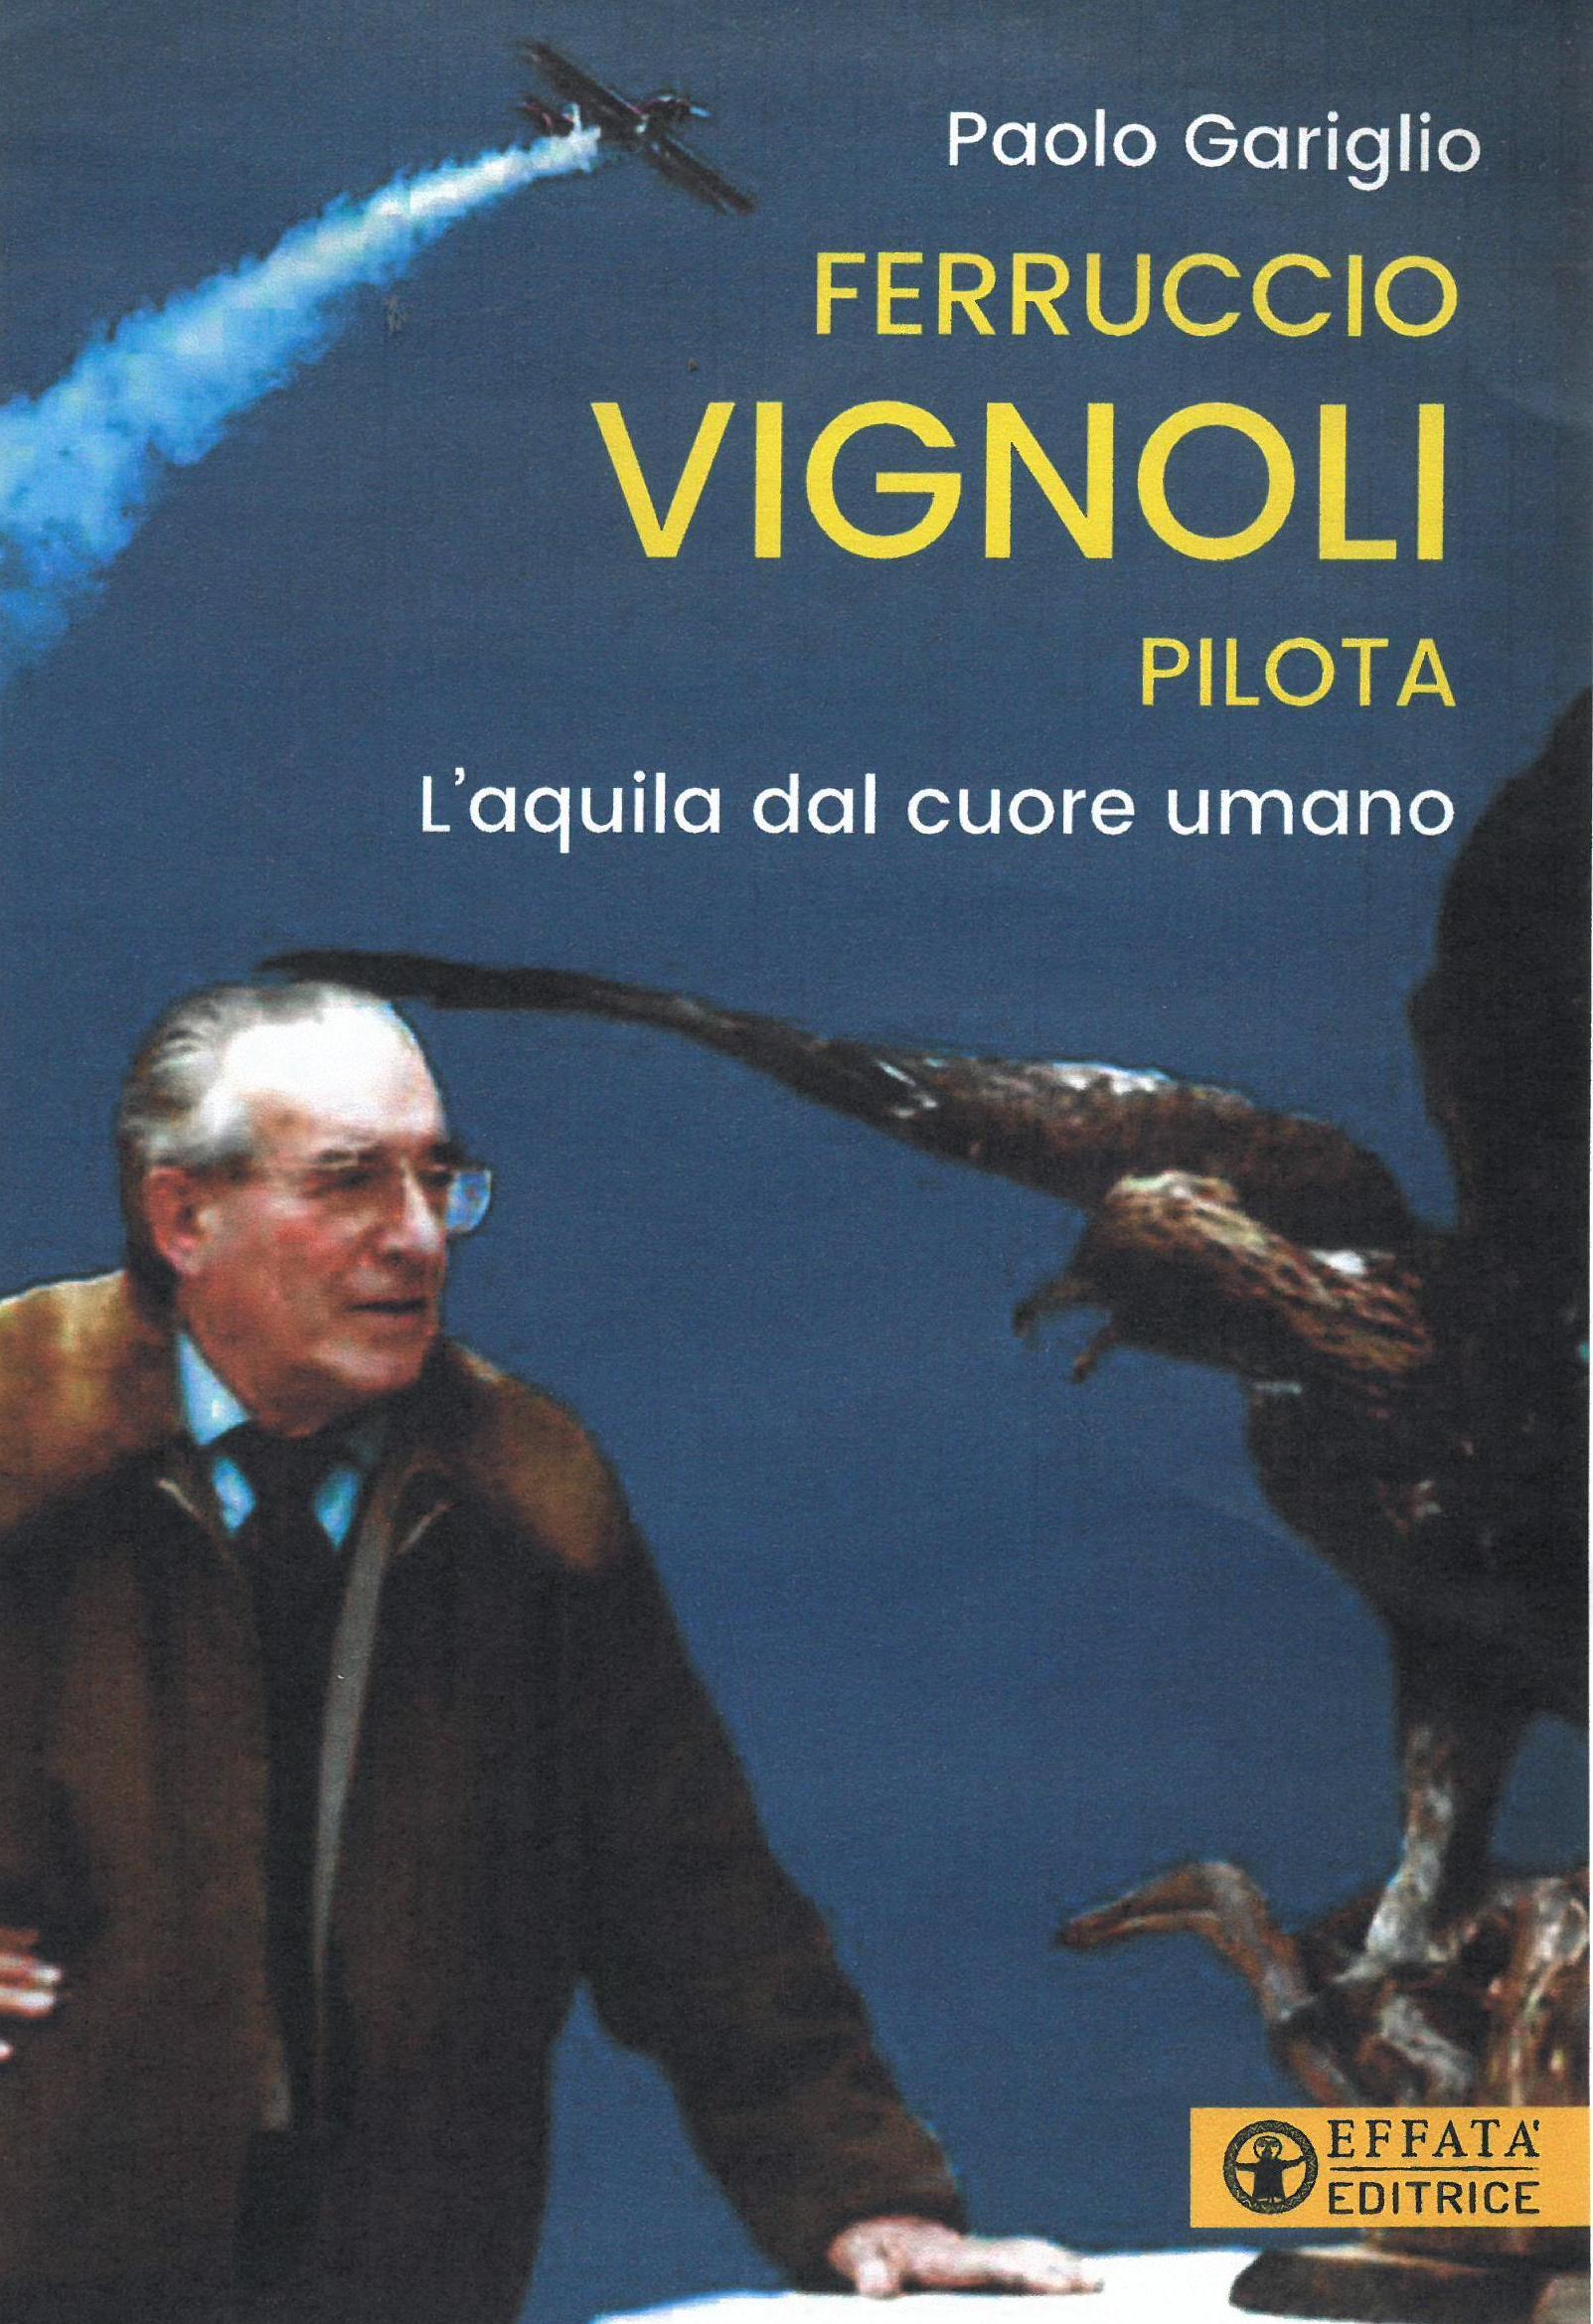 LIBRO SU FERRUCCIO VIGNOLI